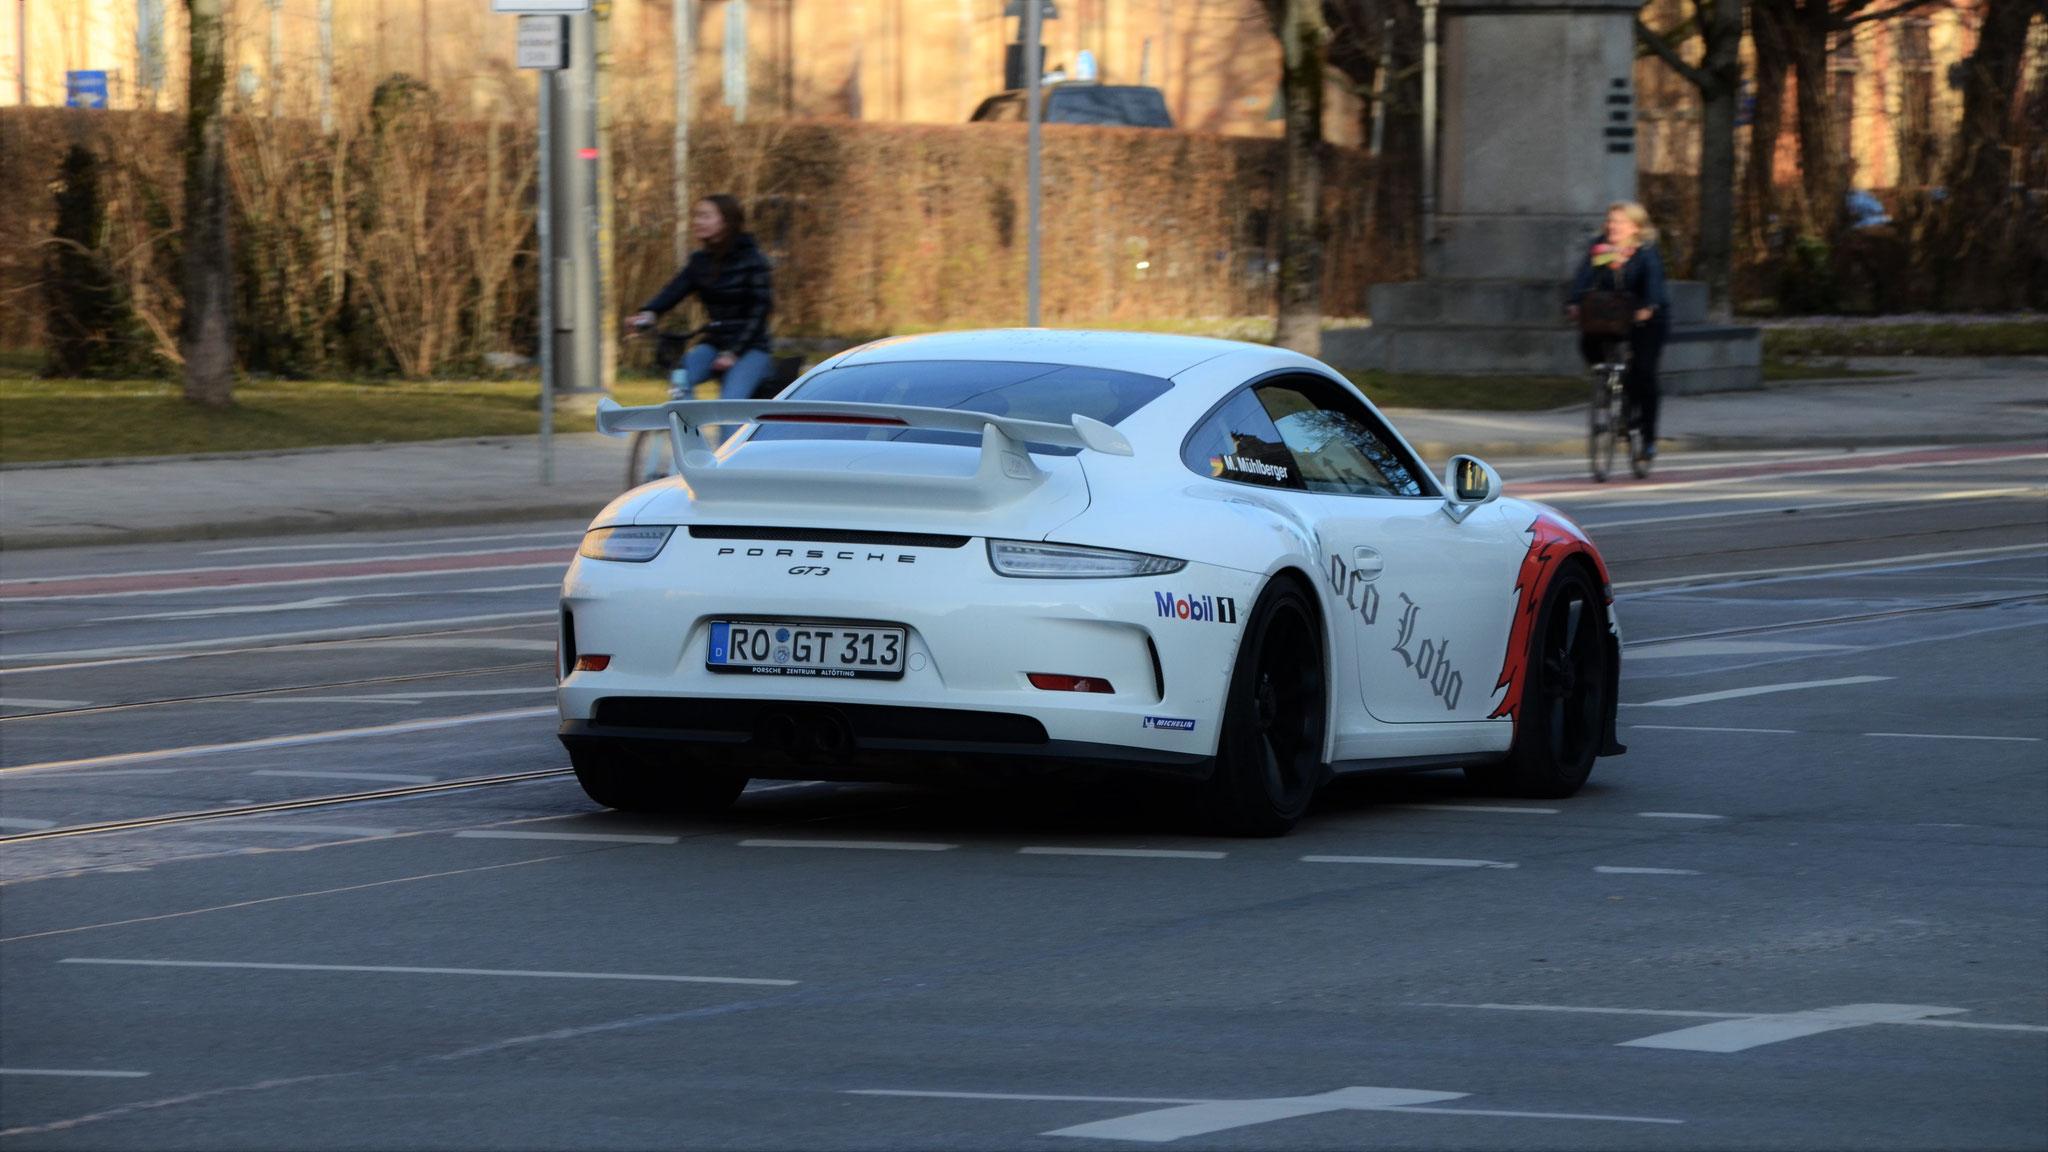 Porsche 991 GT3 - RO-GT-313